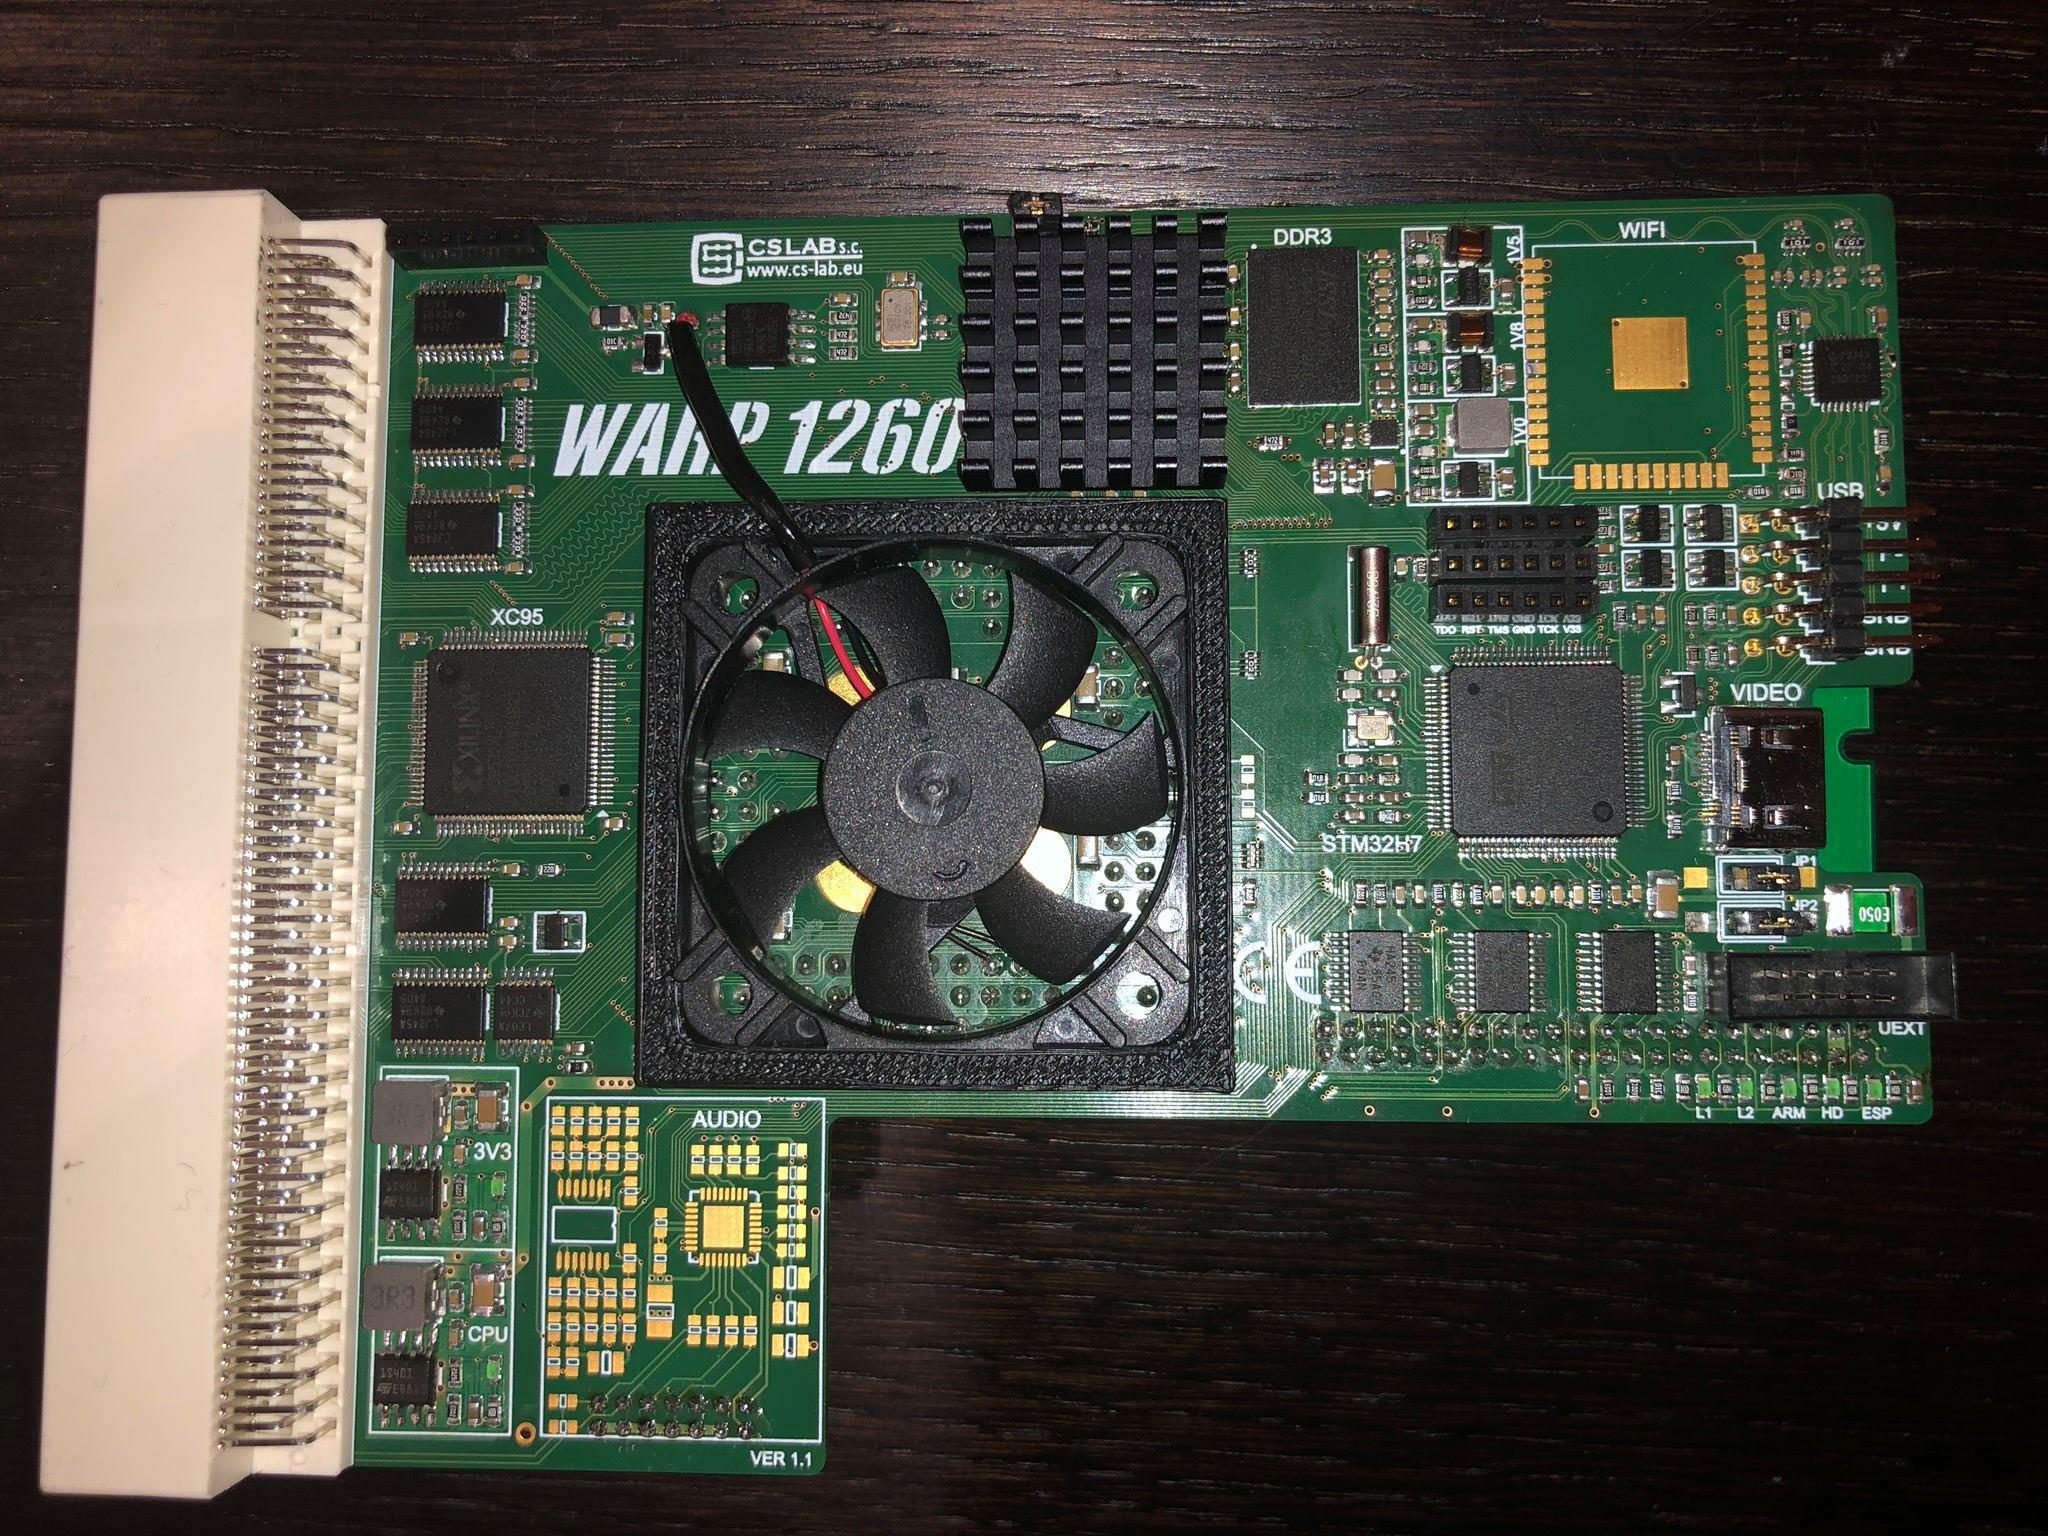 warp1260